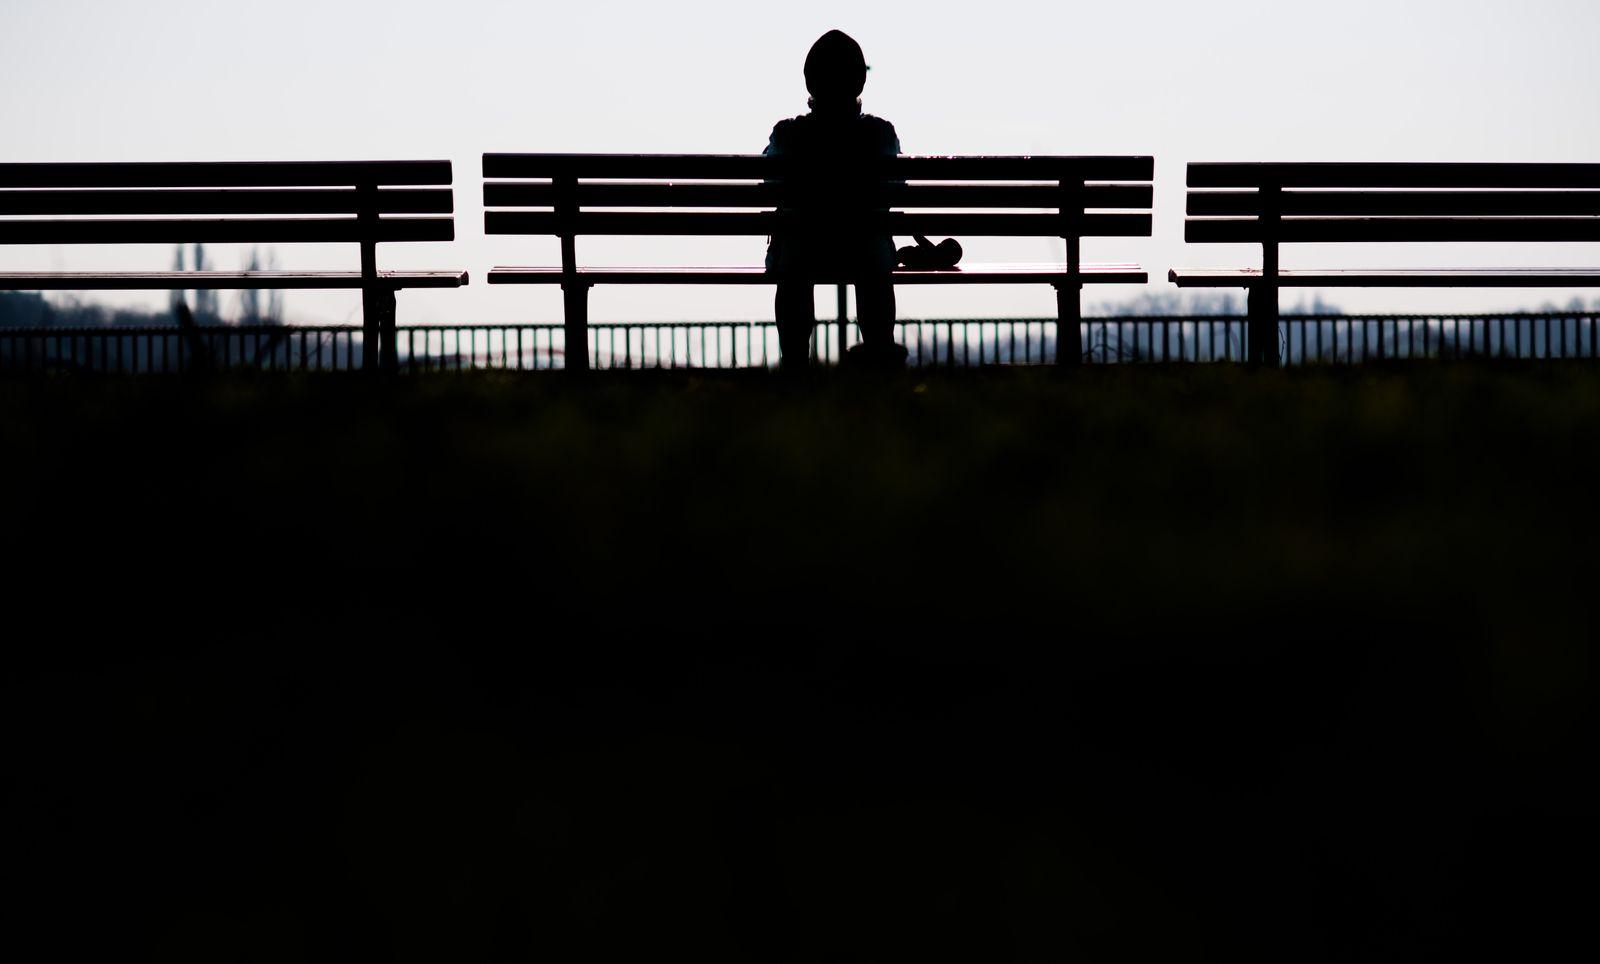 Einsamkeit Symbolbild